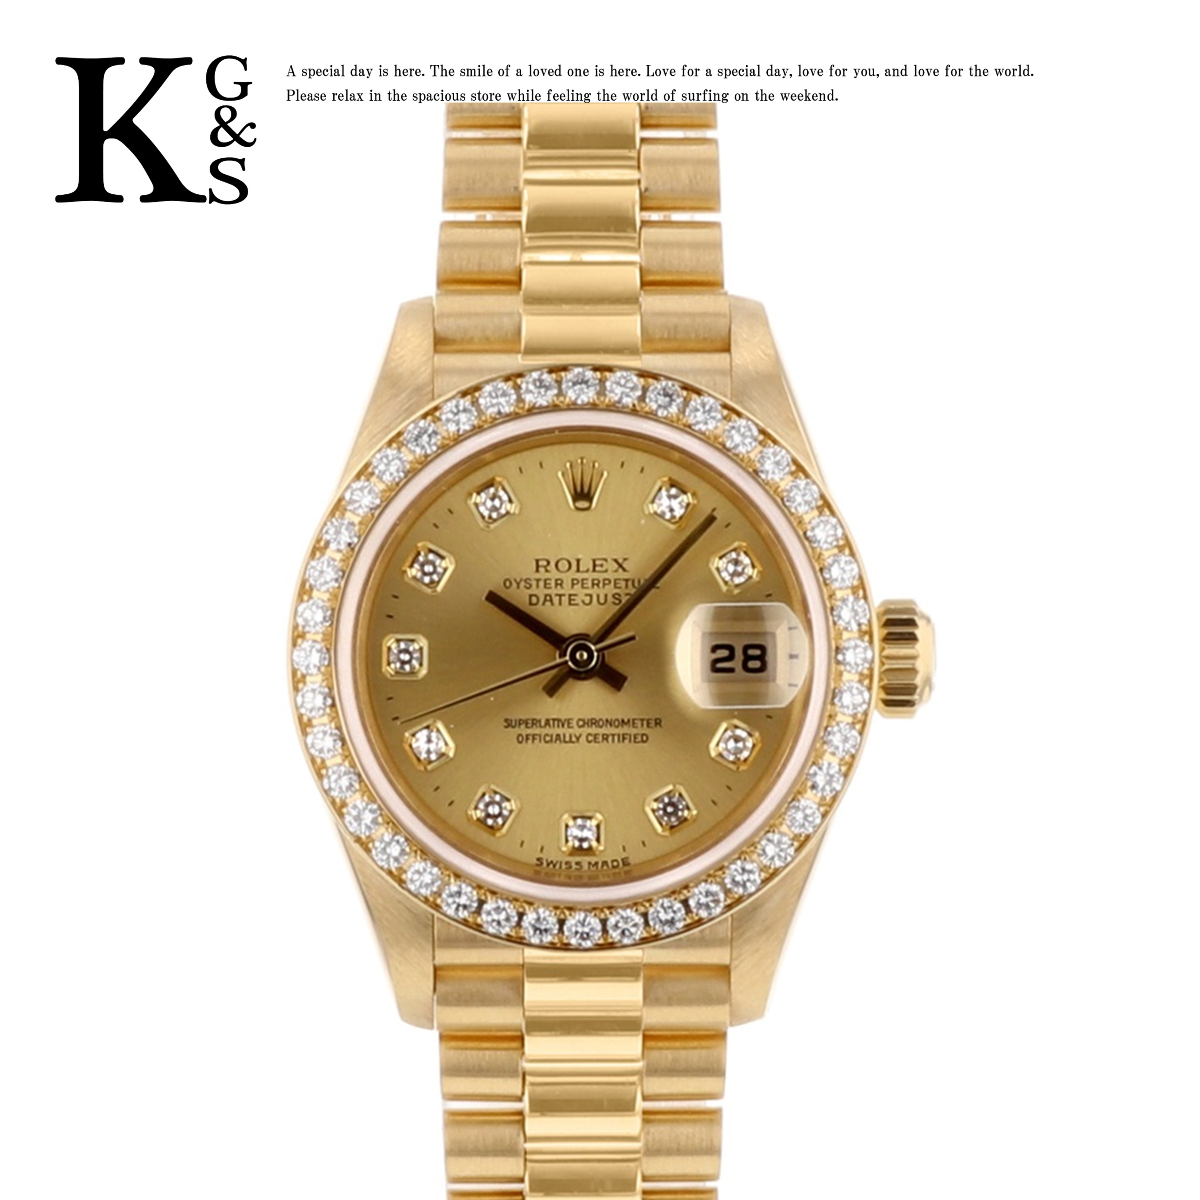 【ギフト品質】ロレックス/ROLEX レディース 腕時計 デイトジャスト 79138G ベゼルダイヤ シャンパンゴールド 10P文字盤 K18YG 金無垢 自動巻き オートマチック